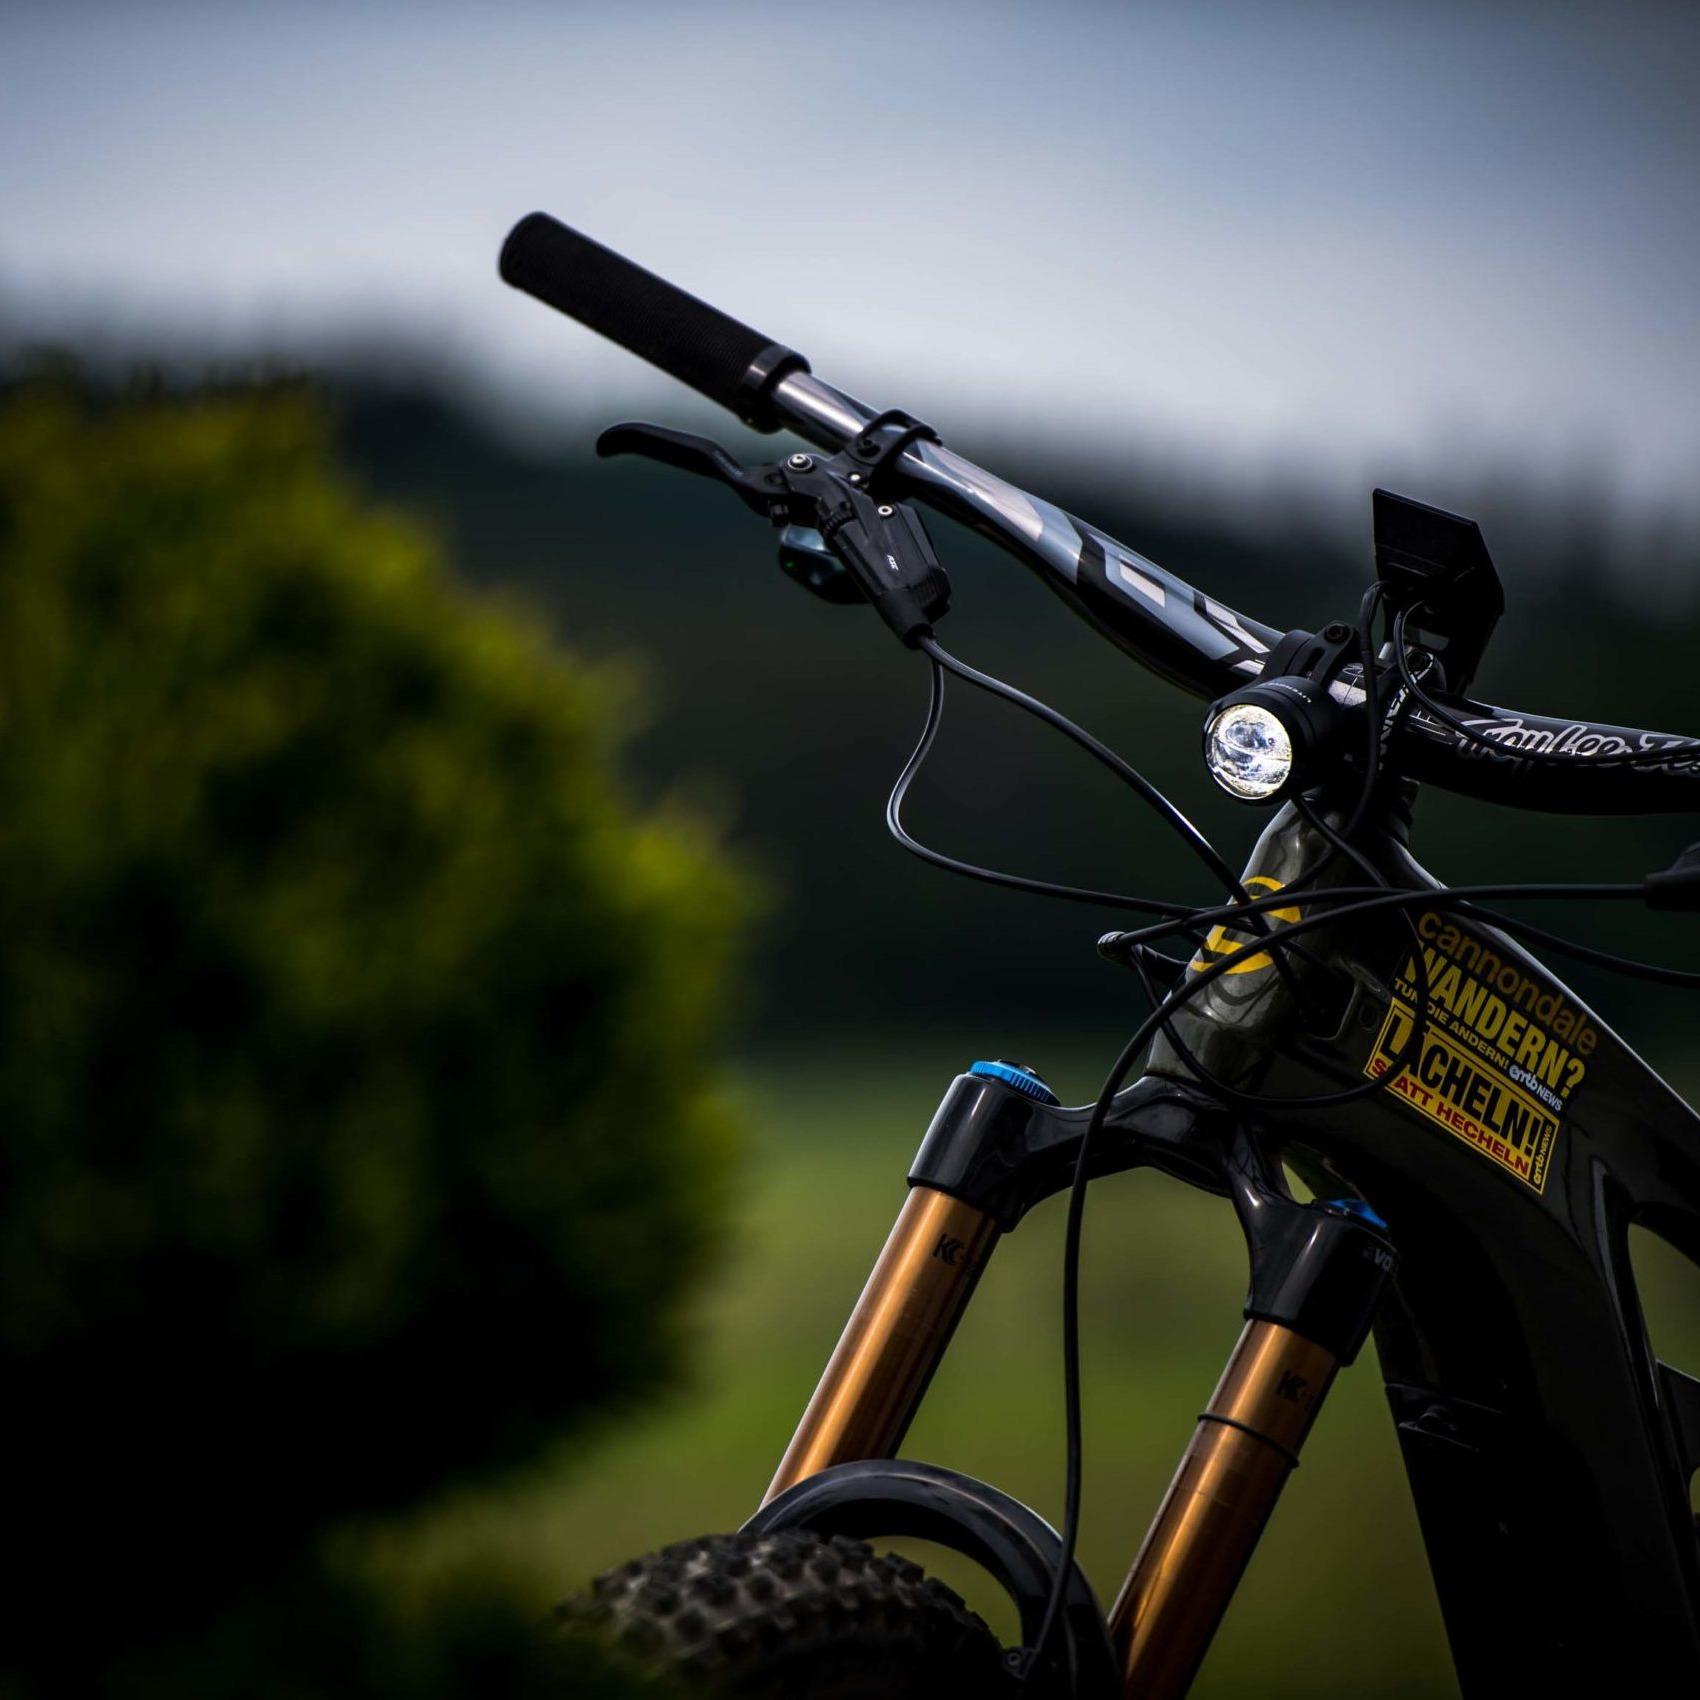 Bild von Litemove SE-150 LED Frontleuchte für E-Bikes - HKSE150D - mit Reflektor, verstellbar